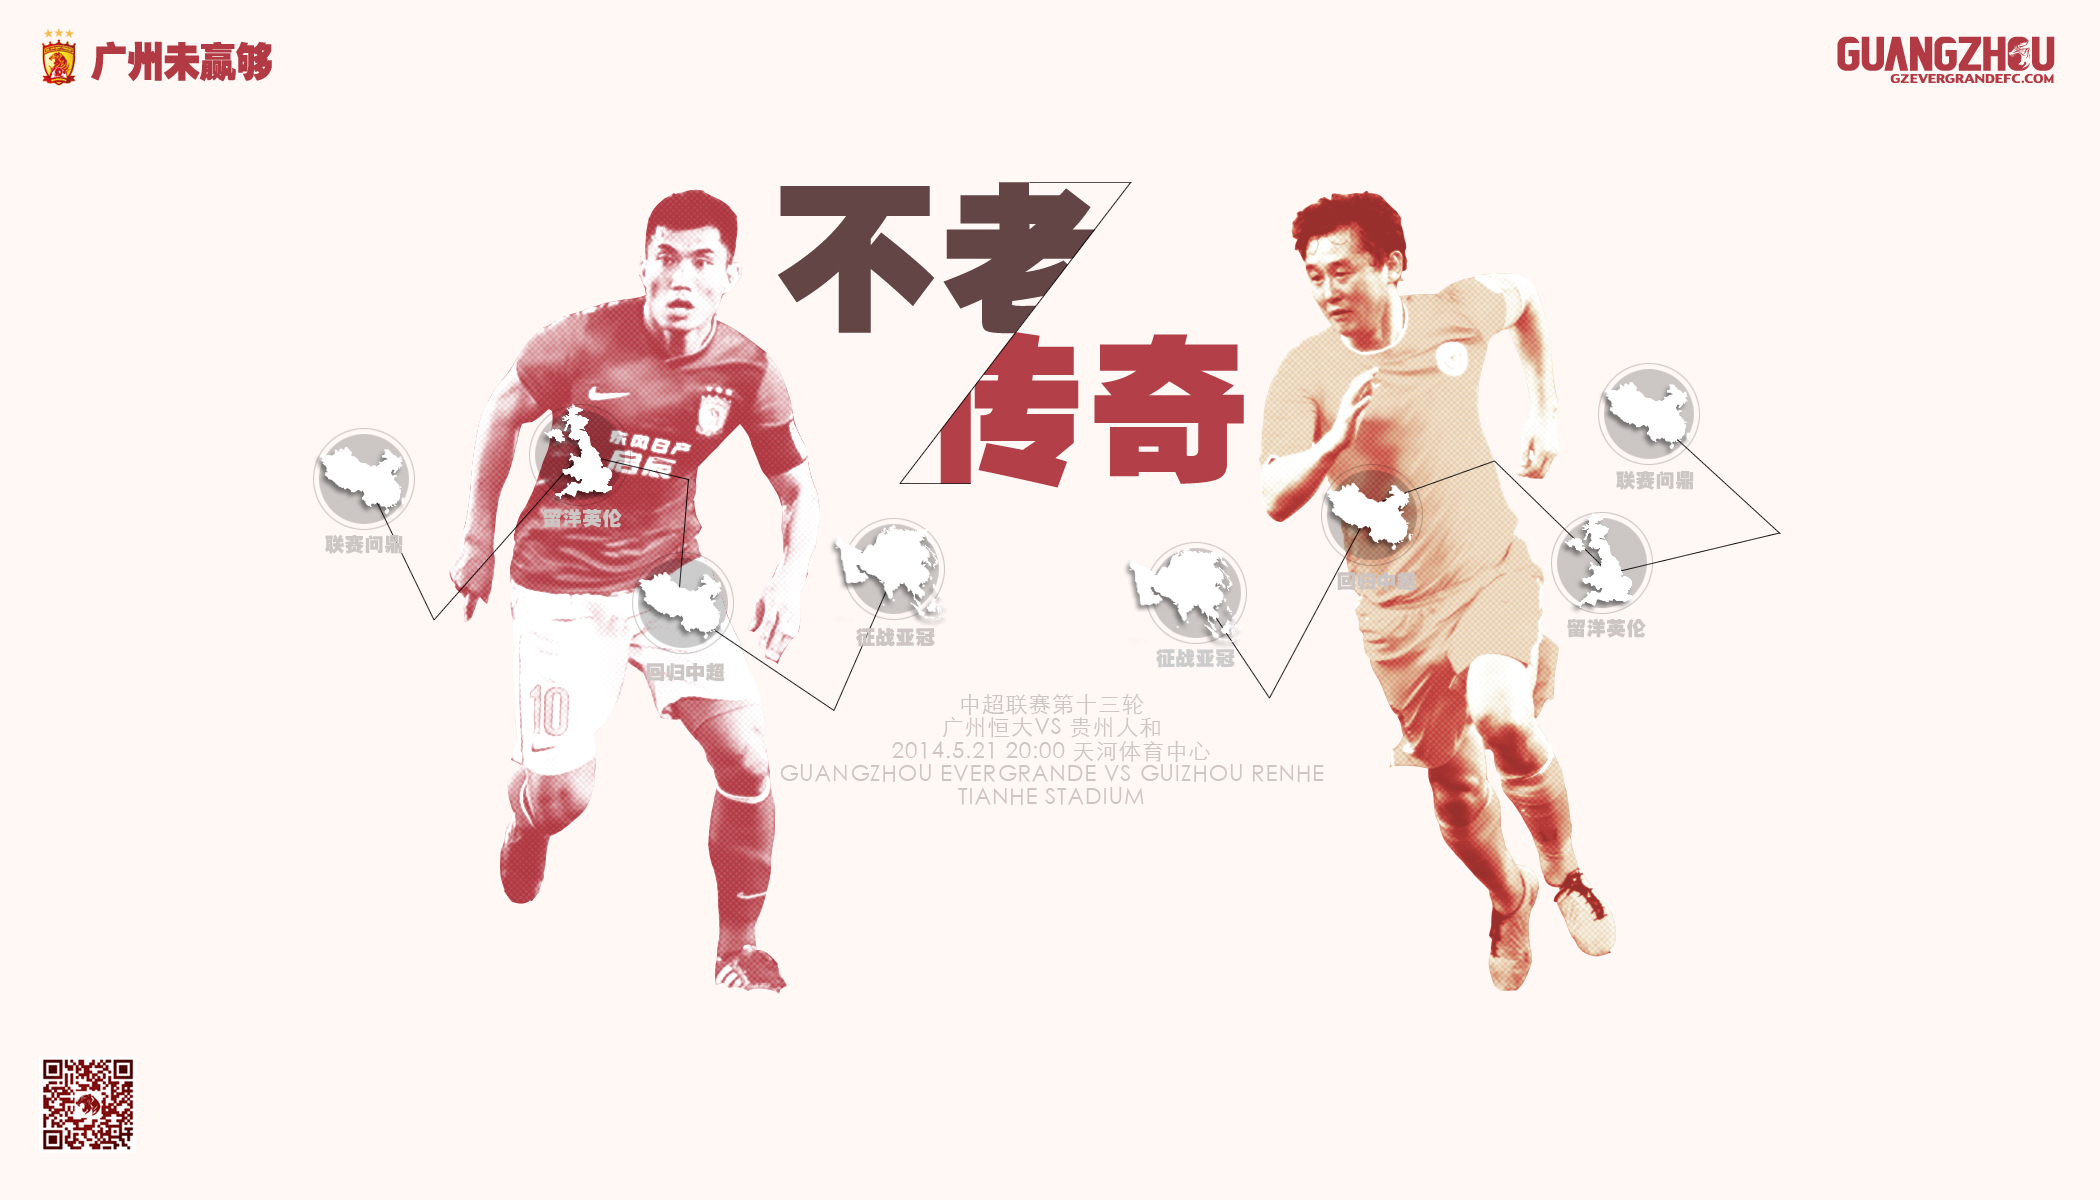 恒大vs贵州人和集锦_2012中国足协杯决赛广州恒大vs贵州人和比赛